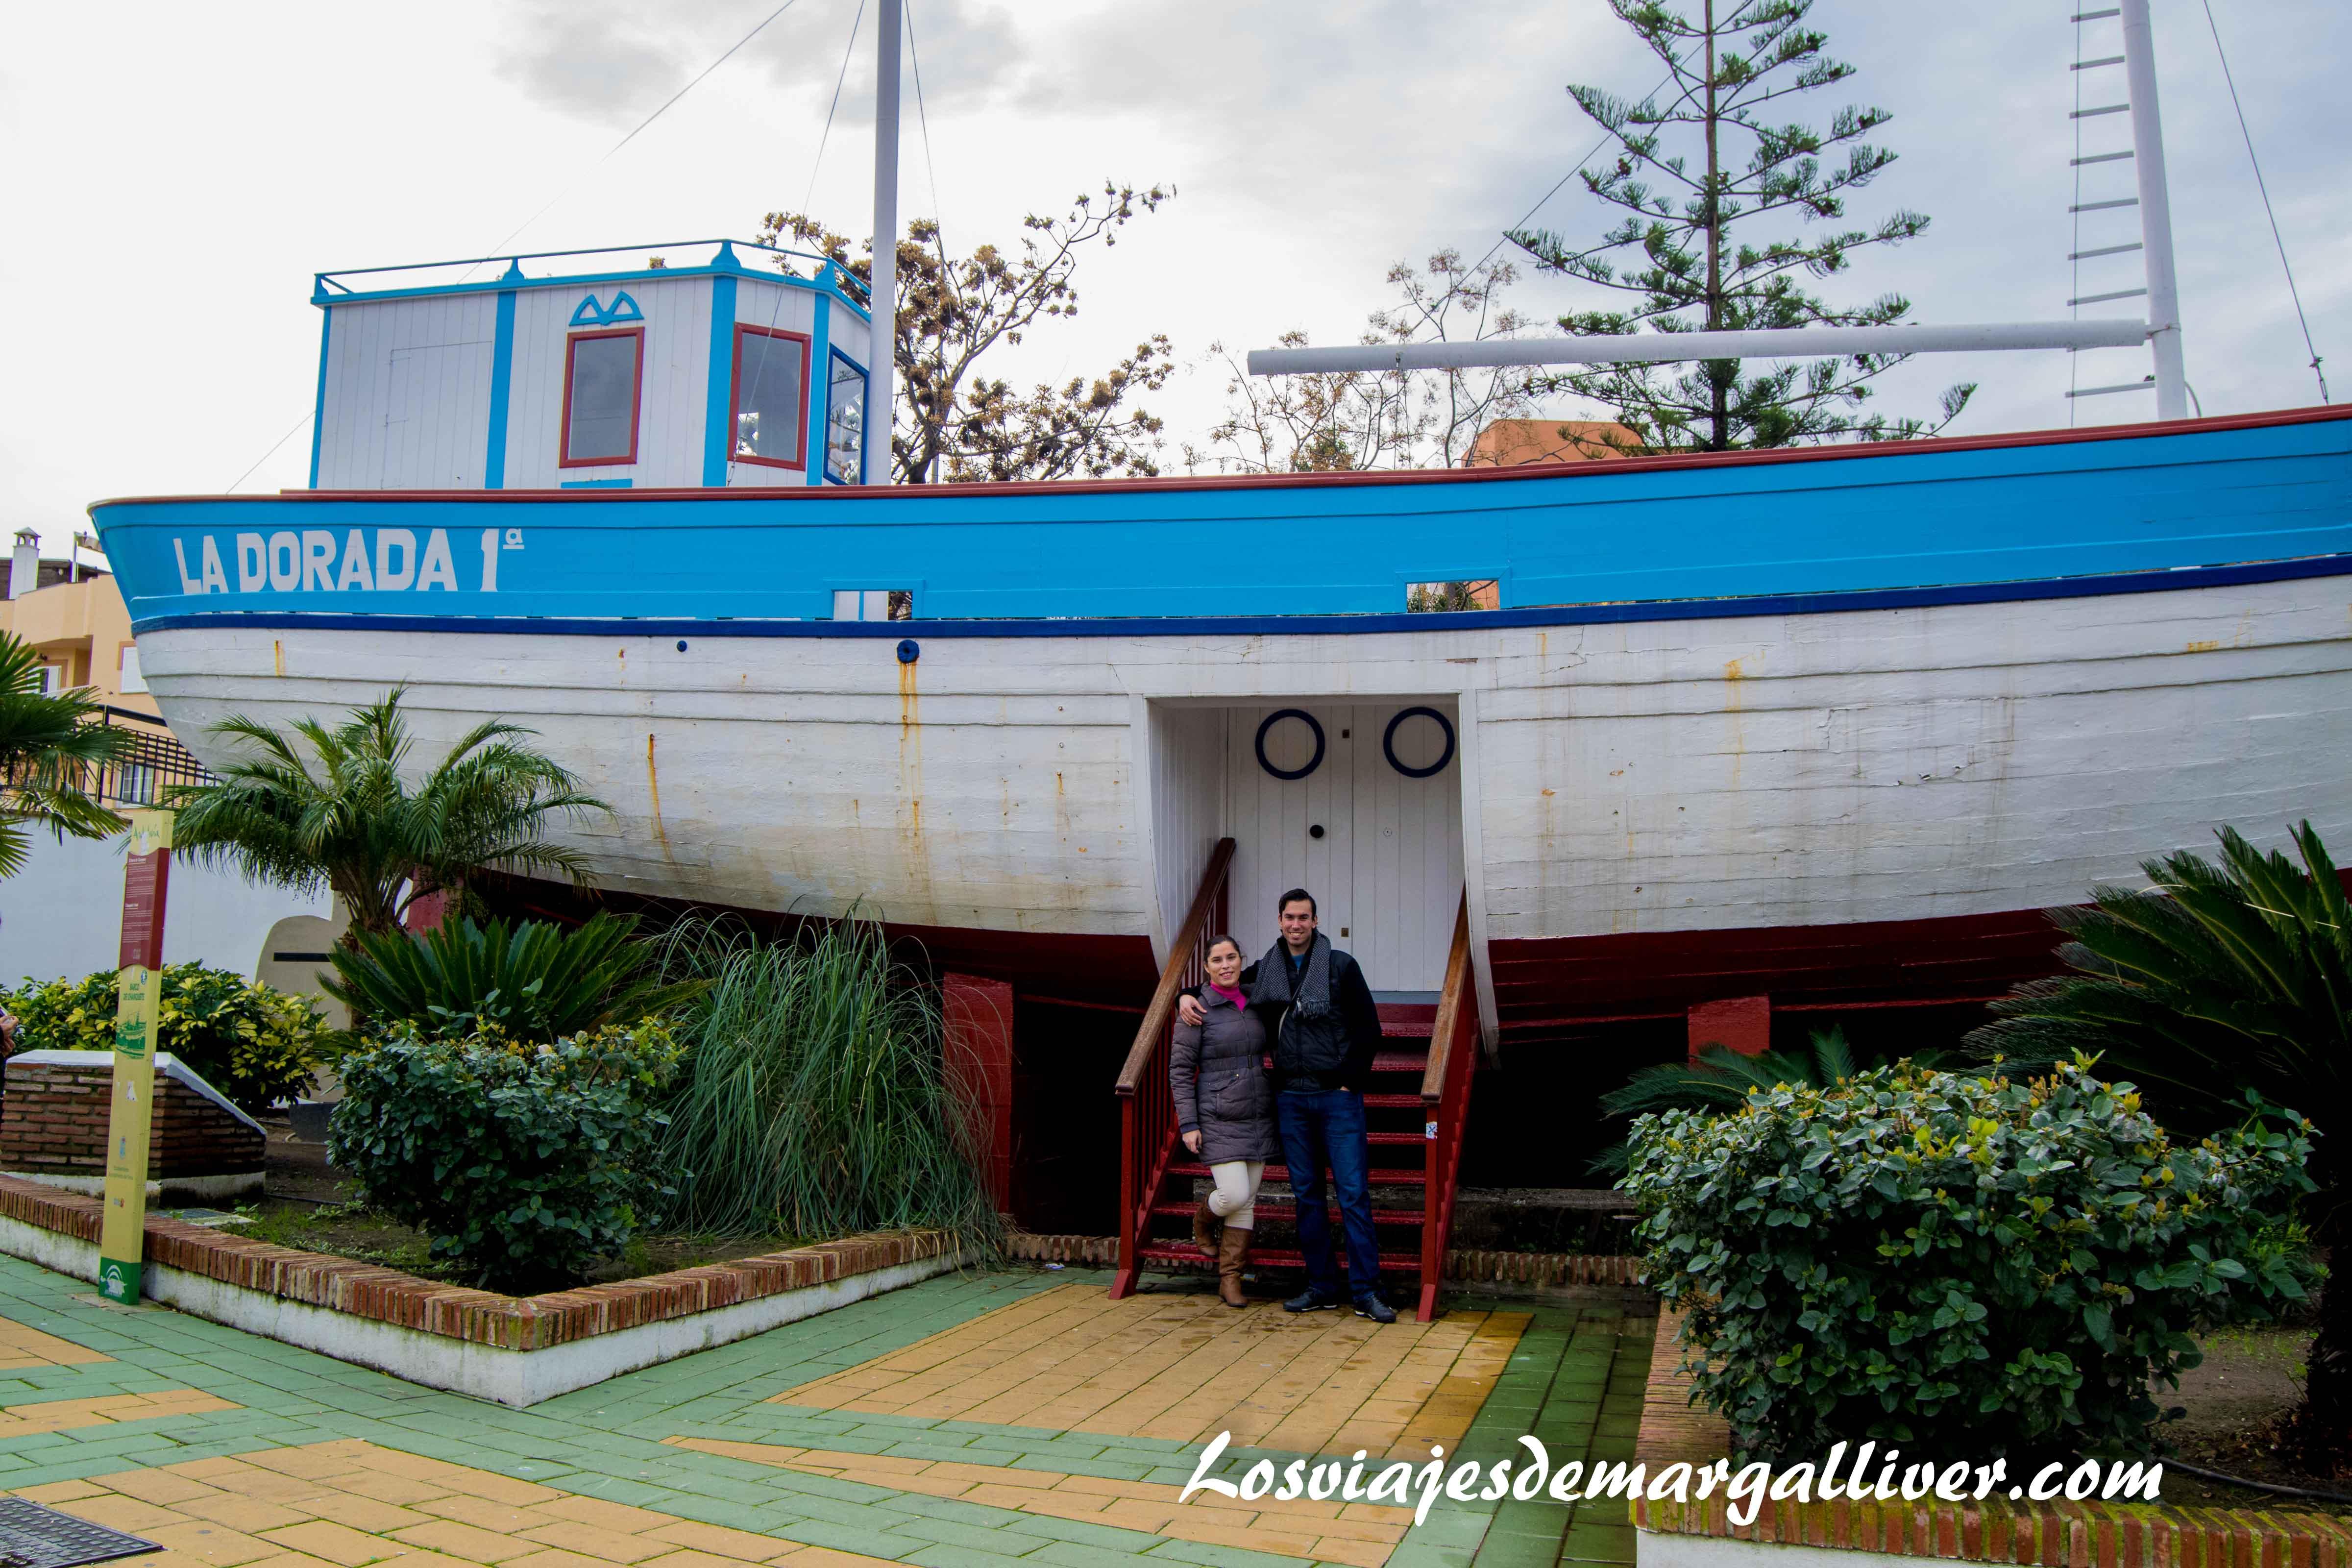 Margalliver con el barco de chanquete de verano azul en Nerja - Los viajes de Margalliver